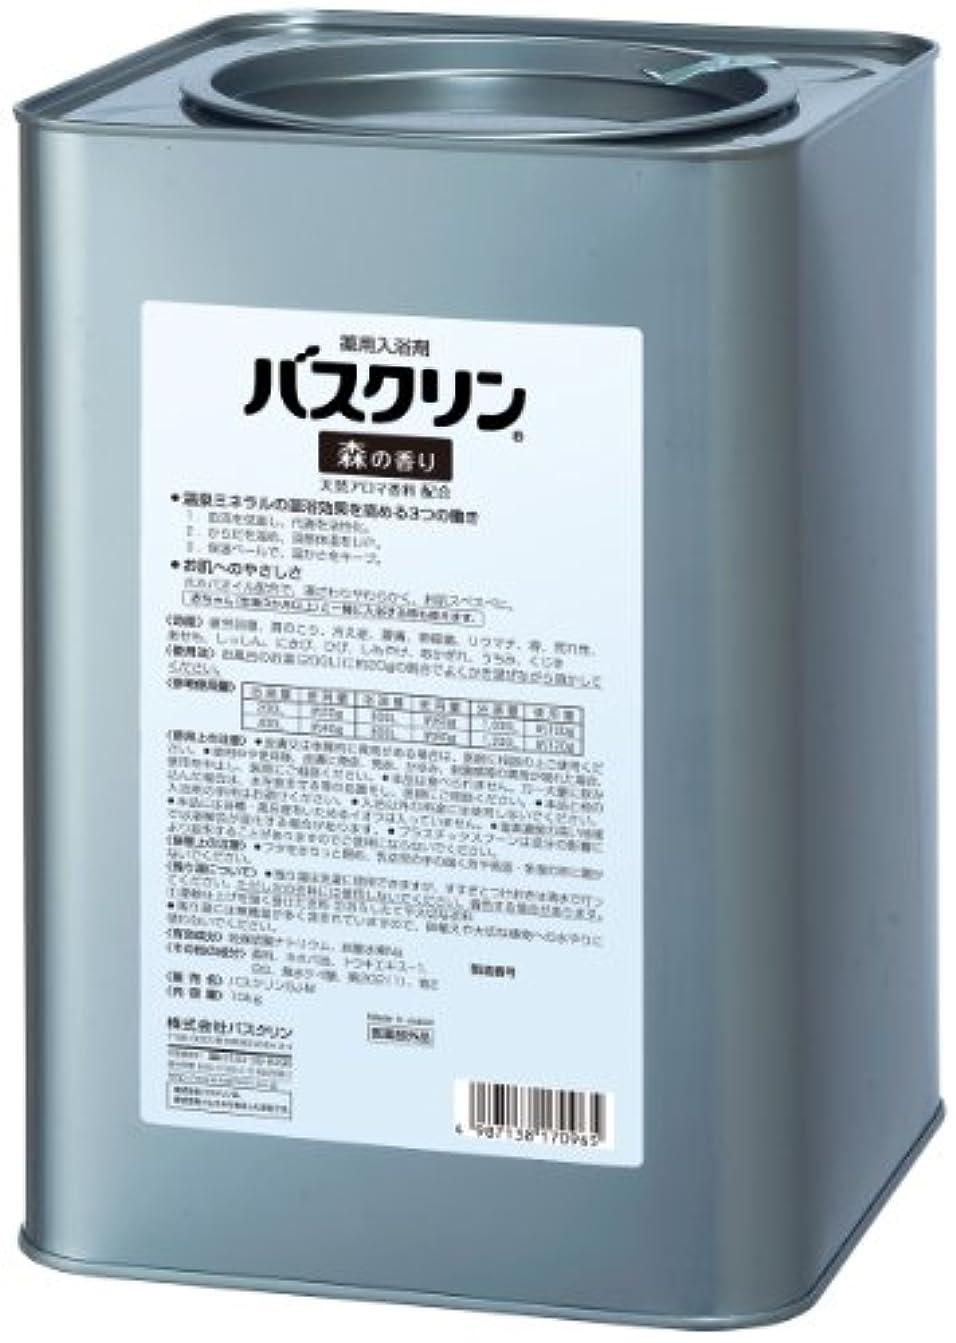 【医薬部外品/業務用】バスクリン入浴剤 森の香り10kg 大容量 疲労回復